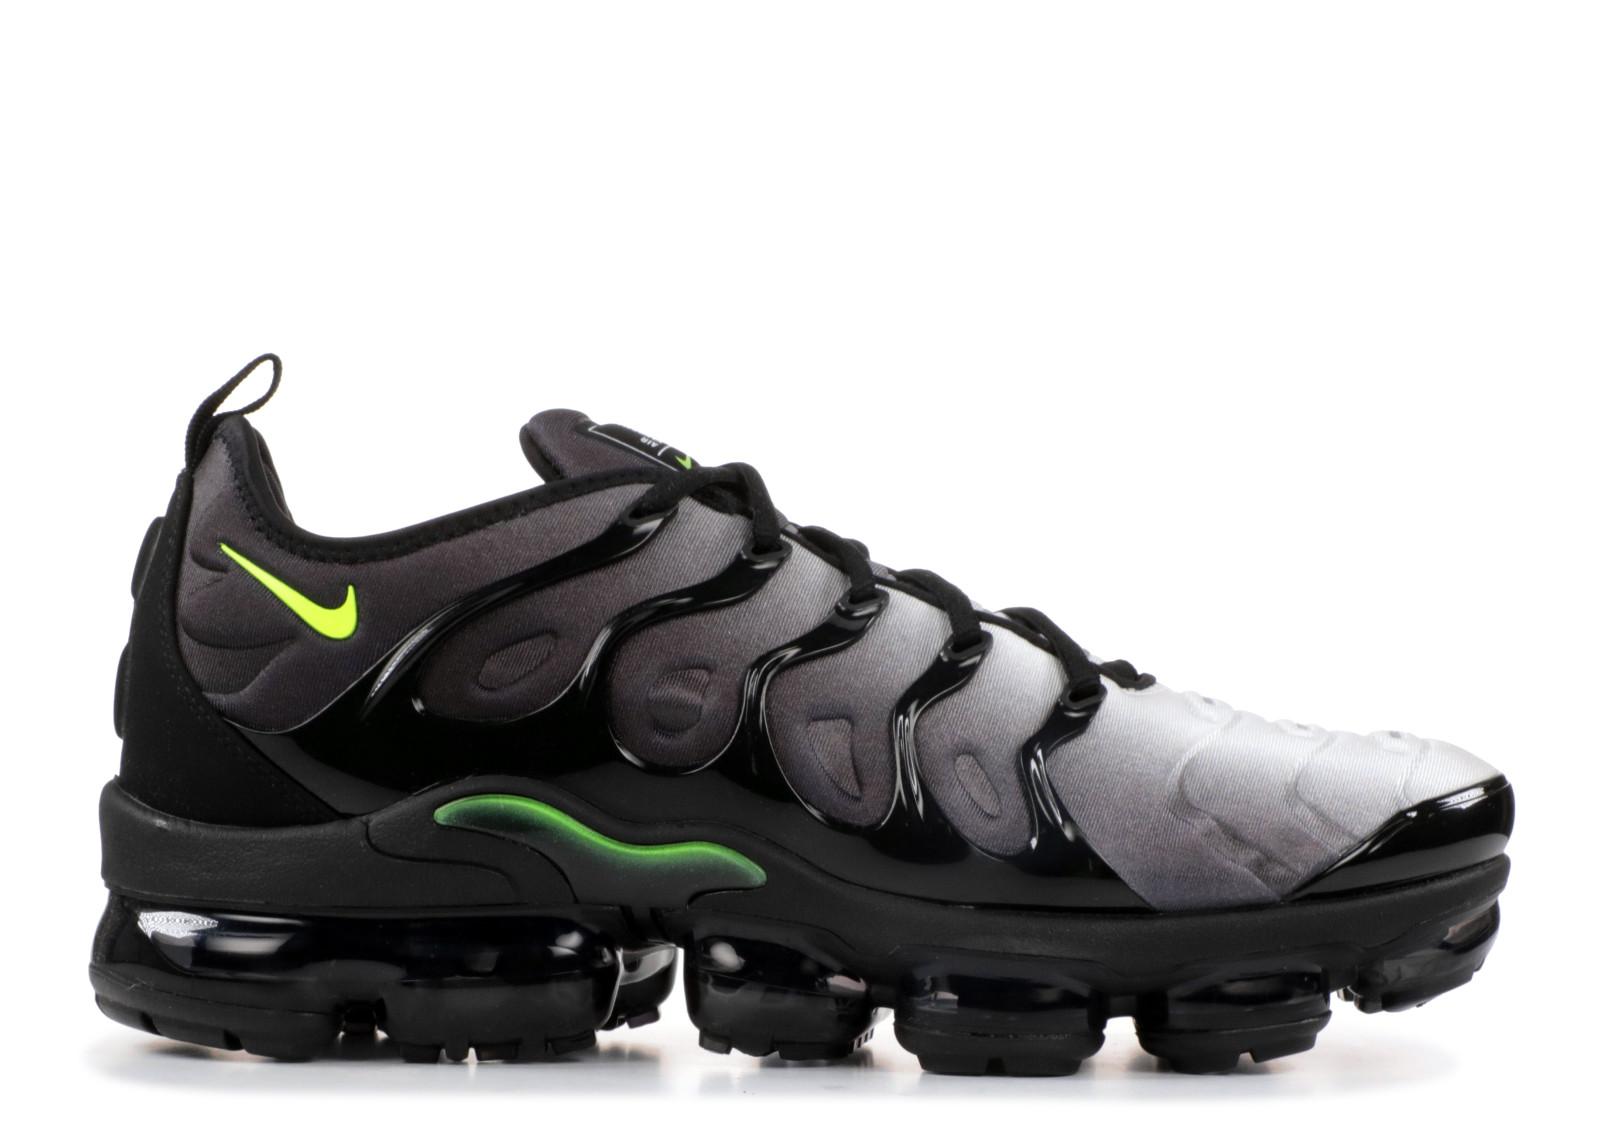 on sale 7366d 00d20 Kick Avenue - Authentic Sneakers